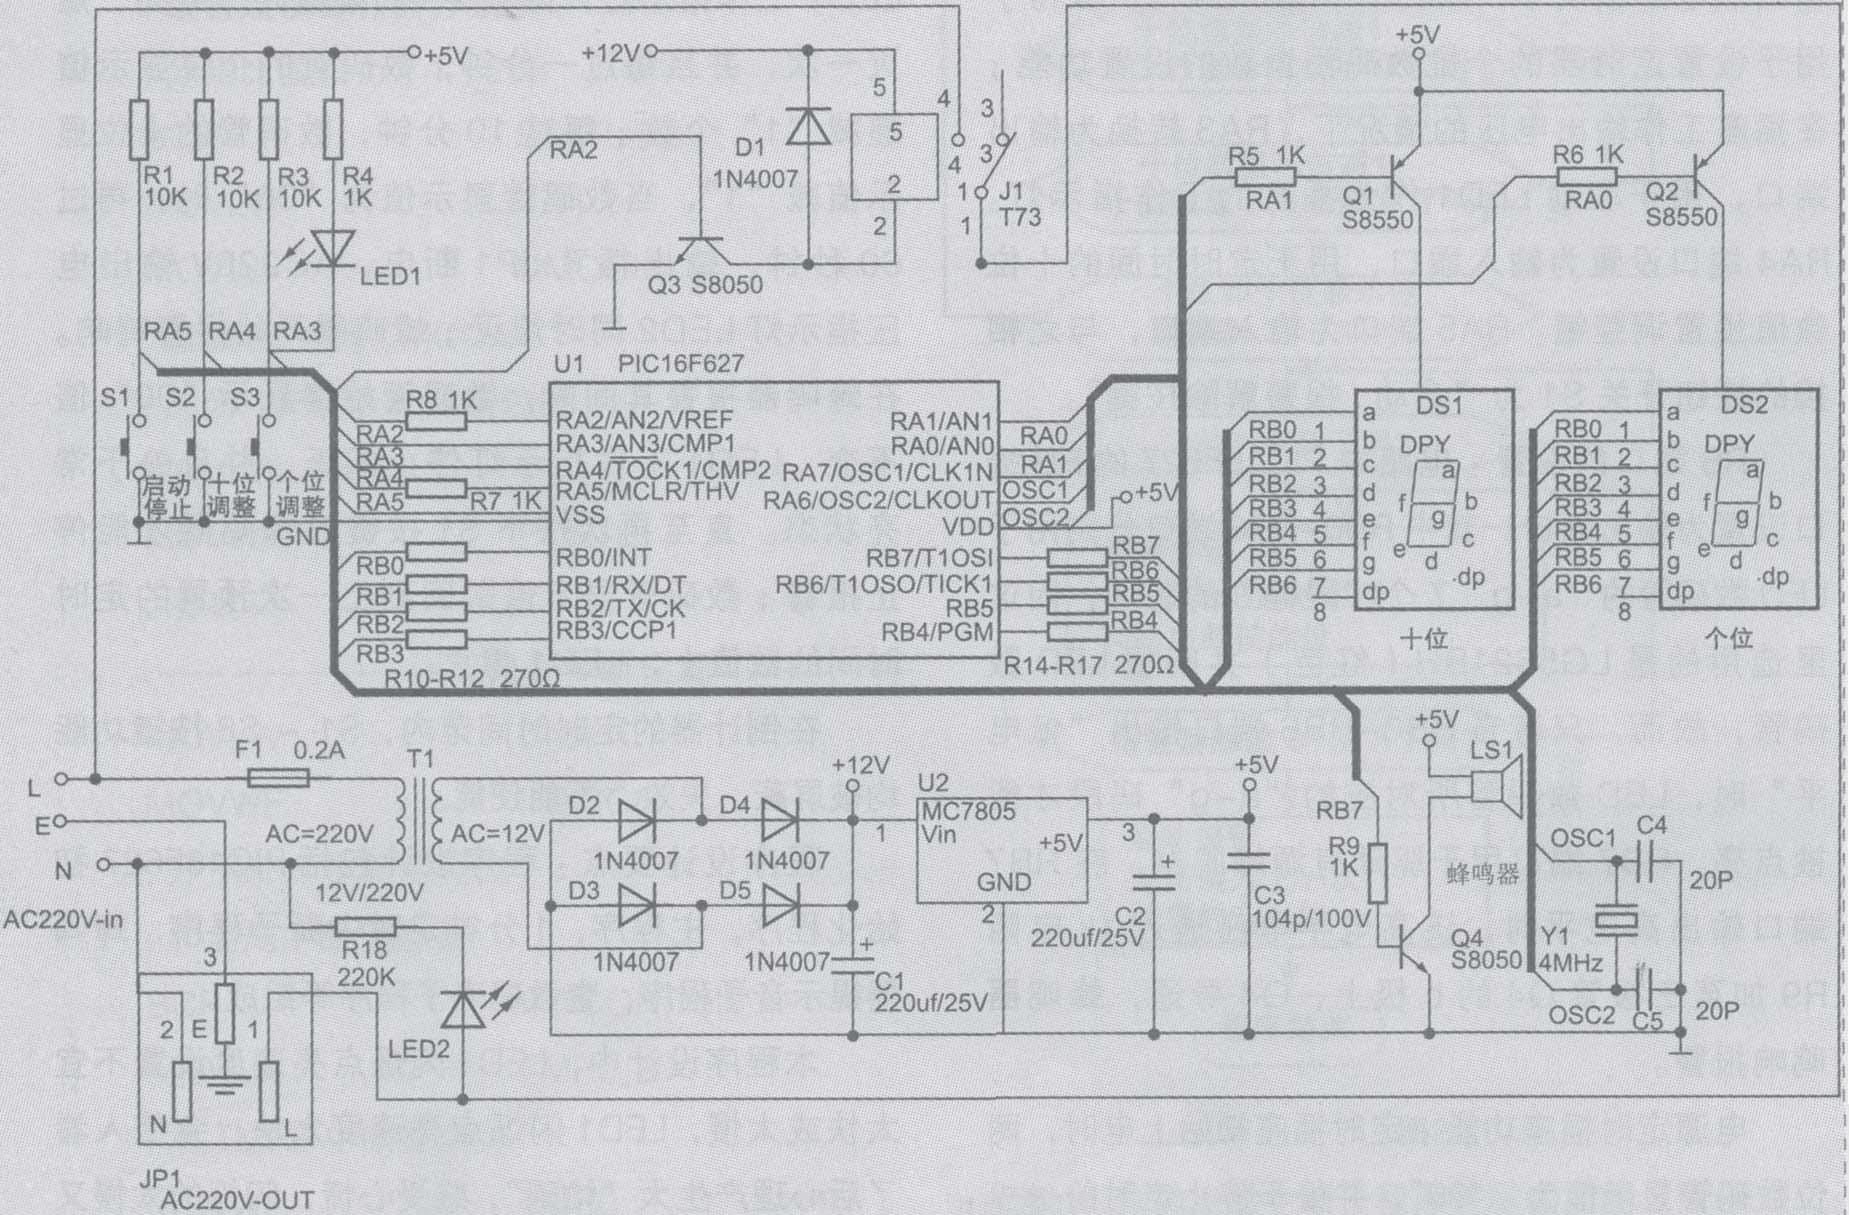 """电源 部分电路:AC220V 交流市电从电路图1中左下端的三孔 插头 输入到本 定时插座 中,其中""""火线""""L 分为两路分别加在控制电压输出 继电器 J1 的定 触点 端和电源 变压器 T1 的初级绕组的 保险丝 管上,""""零线""""N 端加在输出插座JP1 的N 端和 电源变压器 T1 的另一端,"""" 接地线 """"E 端则与输出插座的接地端E 相连,输出插座JP1 的""""火 线端 """"L则受控于继电器J1 的动触点端。由T1 电源"""